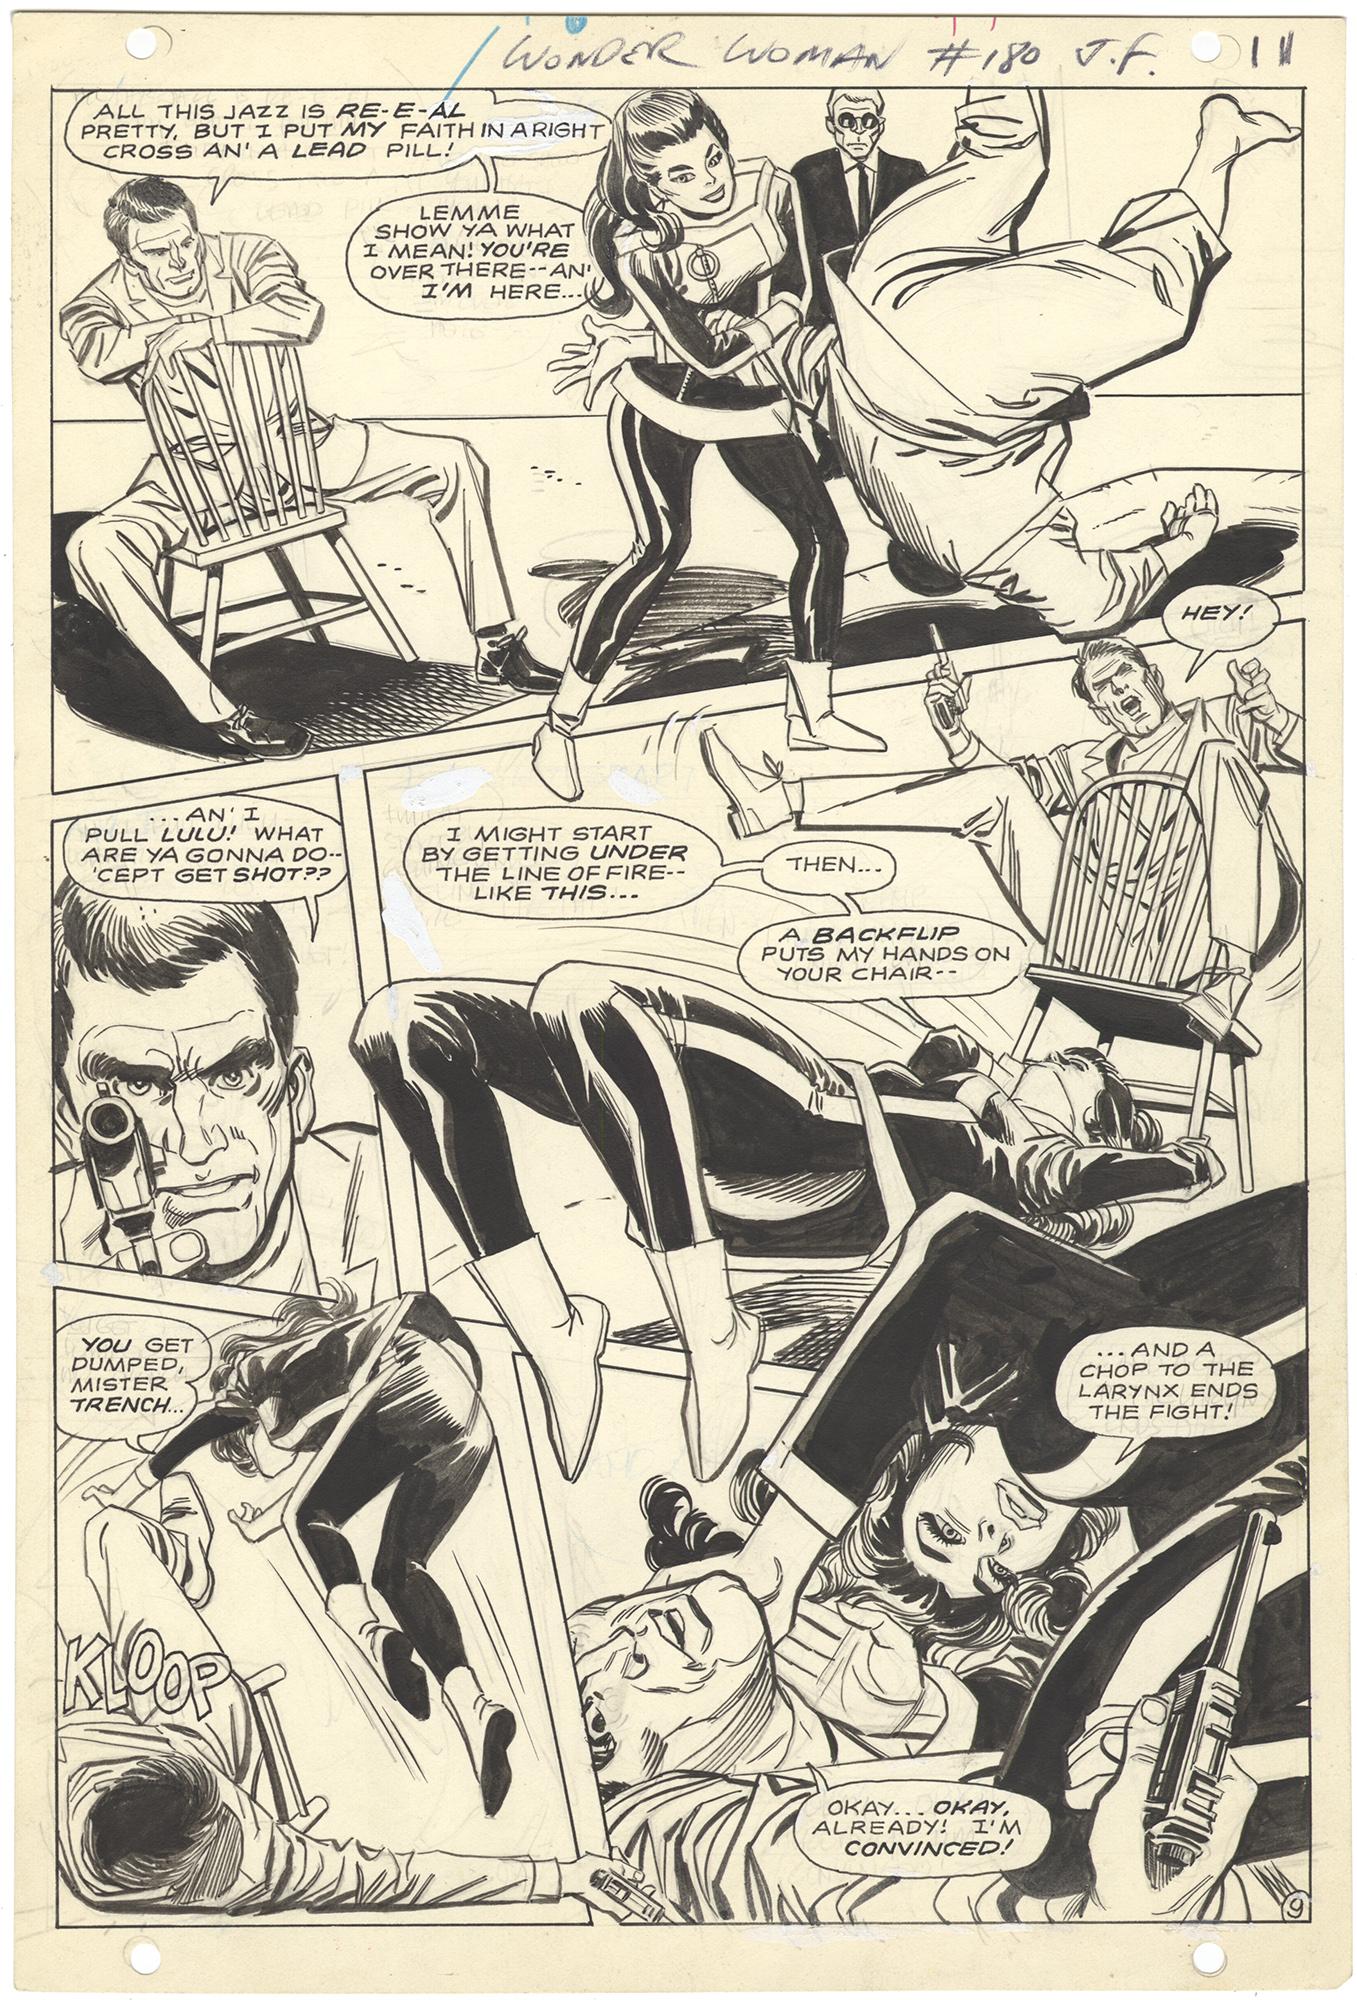 DC Comics 1998 Wonder Woman #130